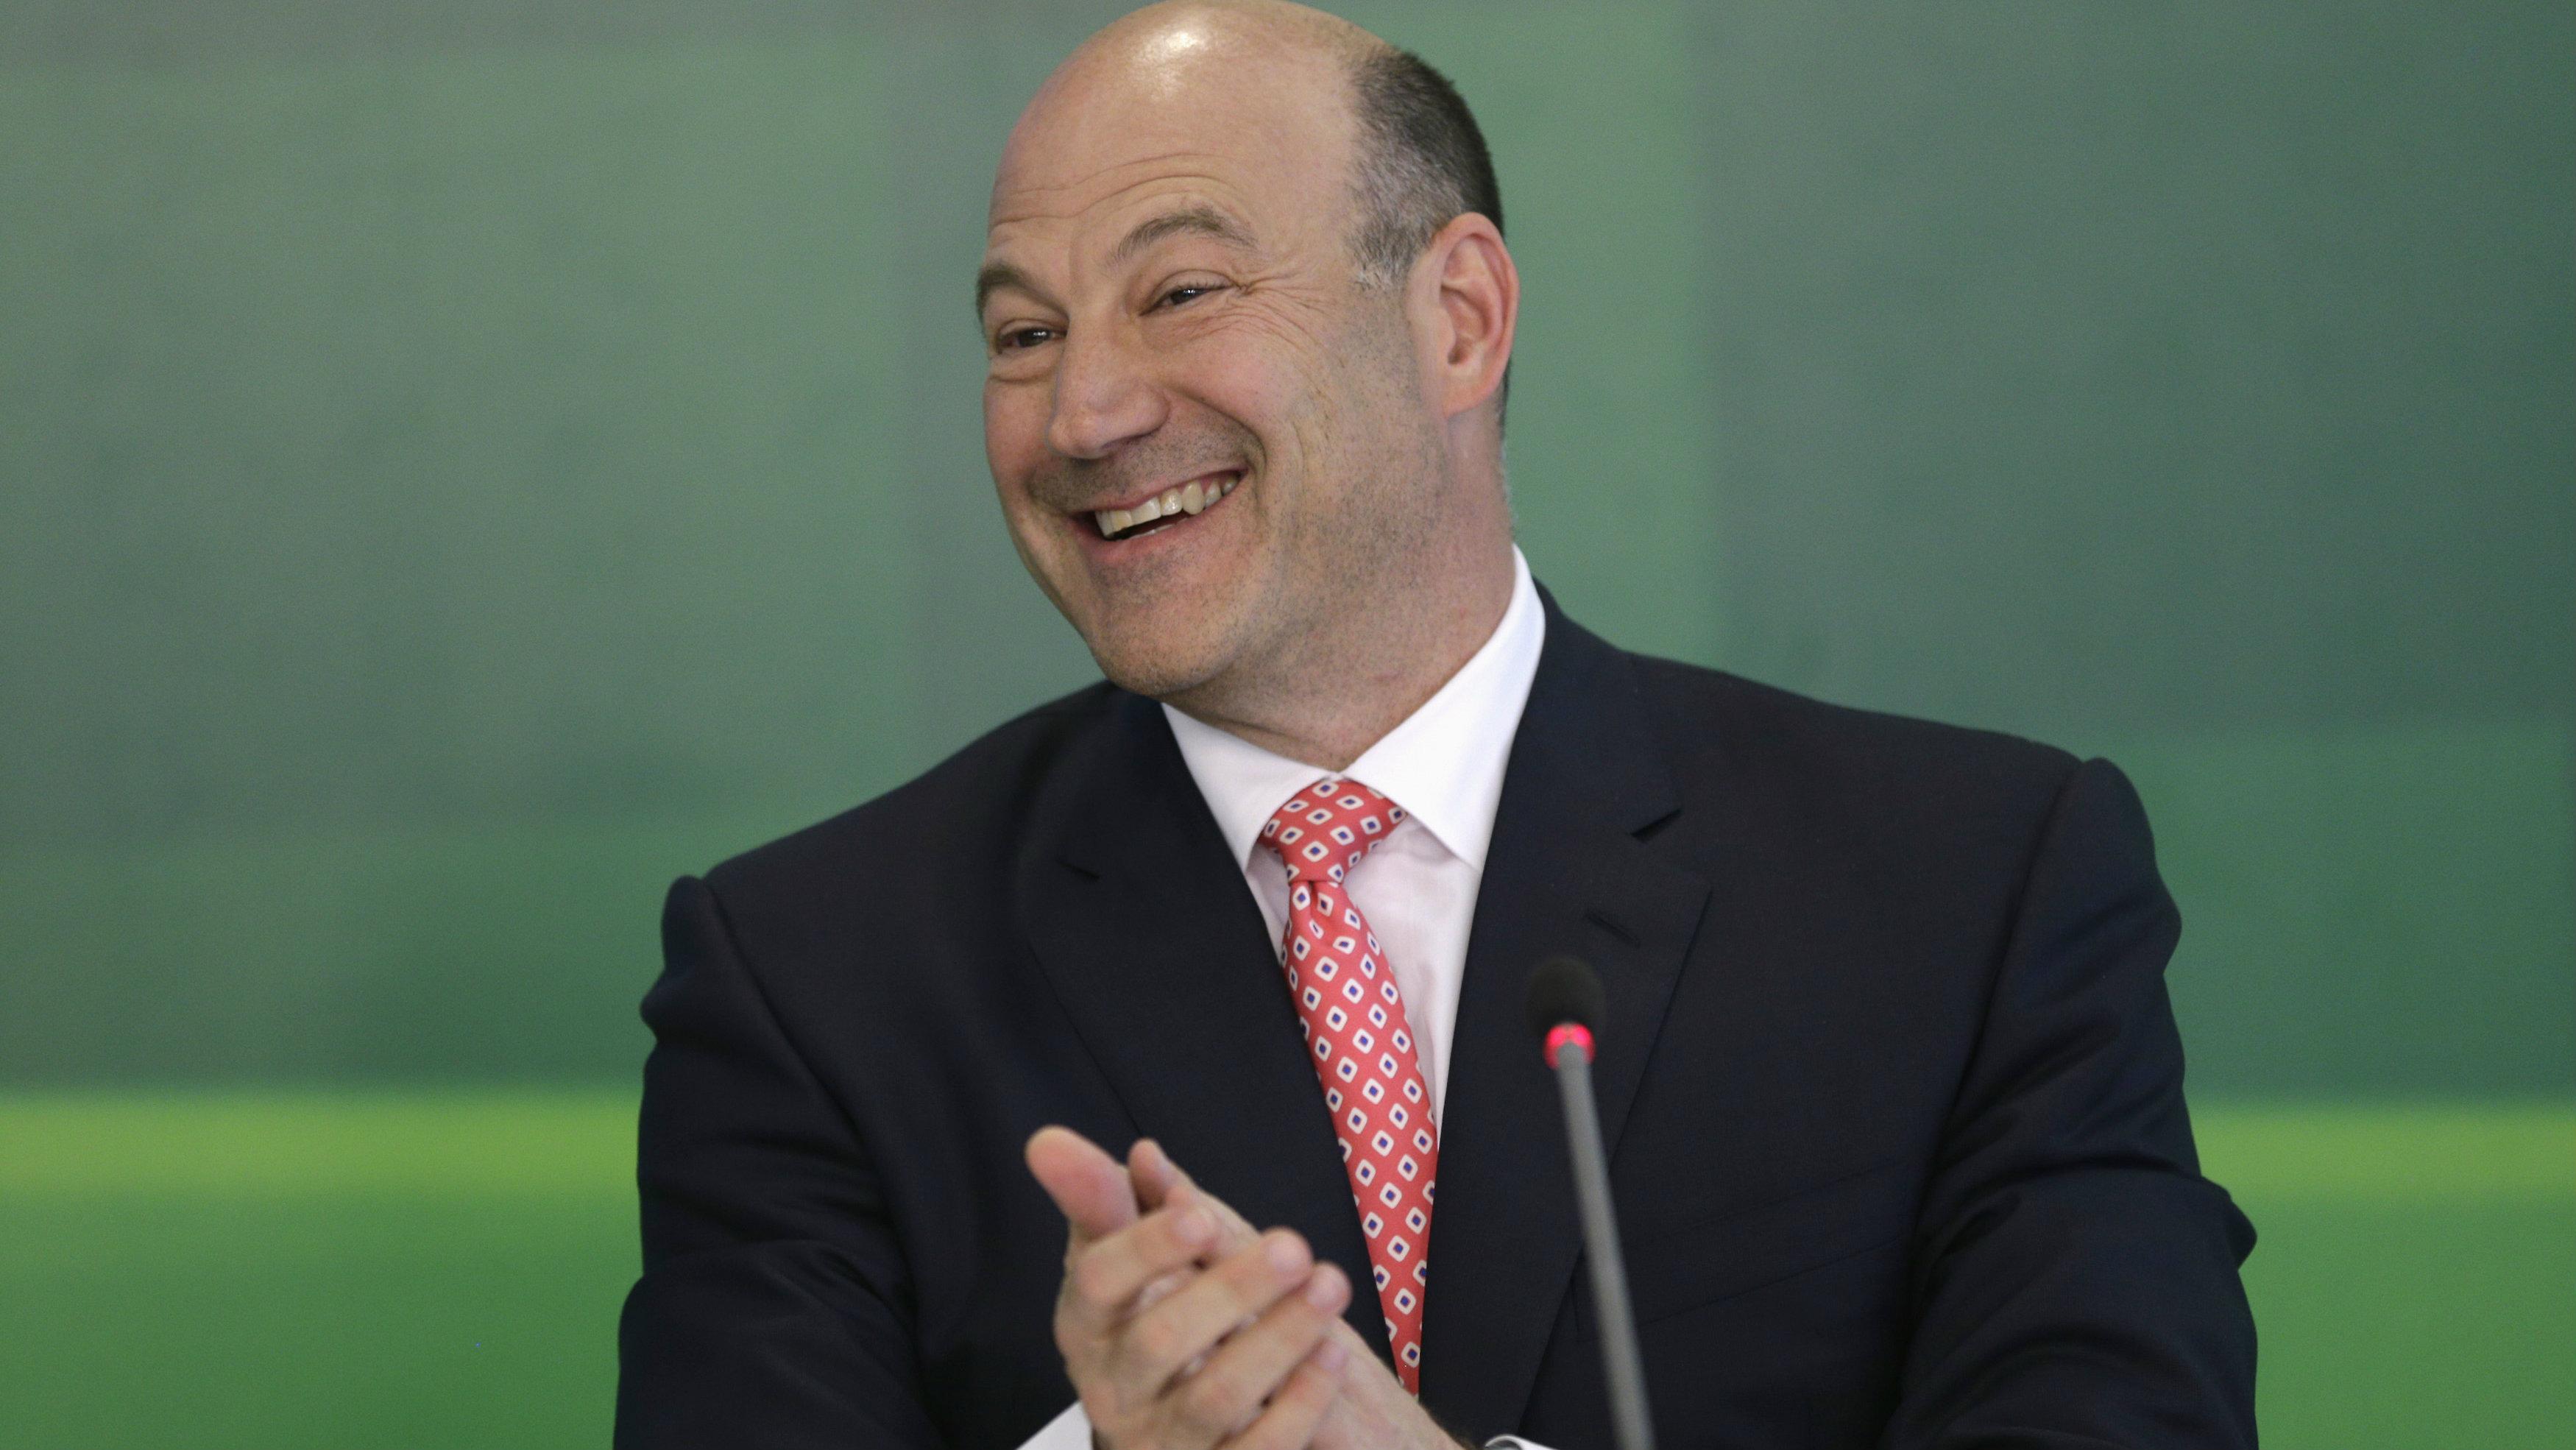 Former Goldman Sachs president Gary Cohn